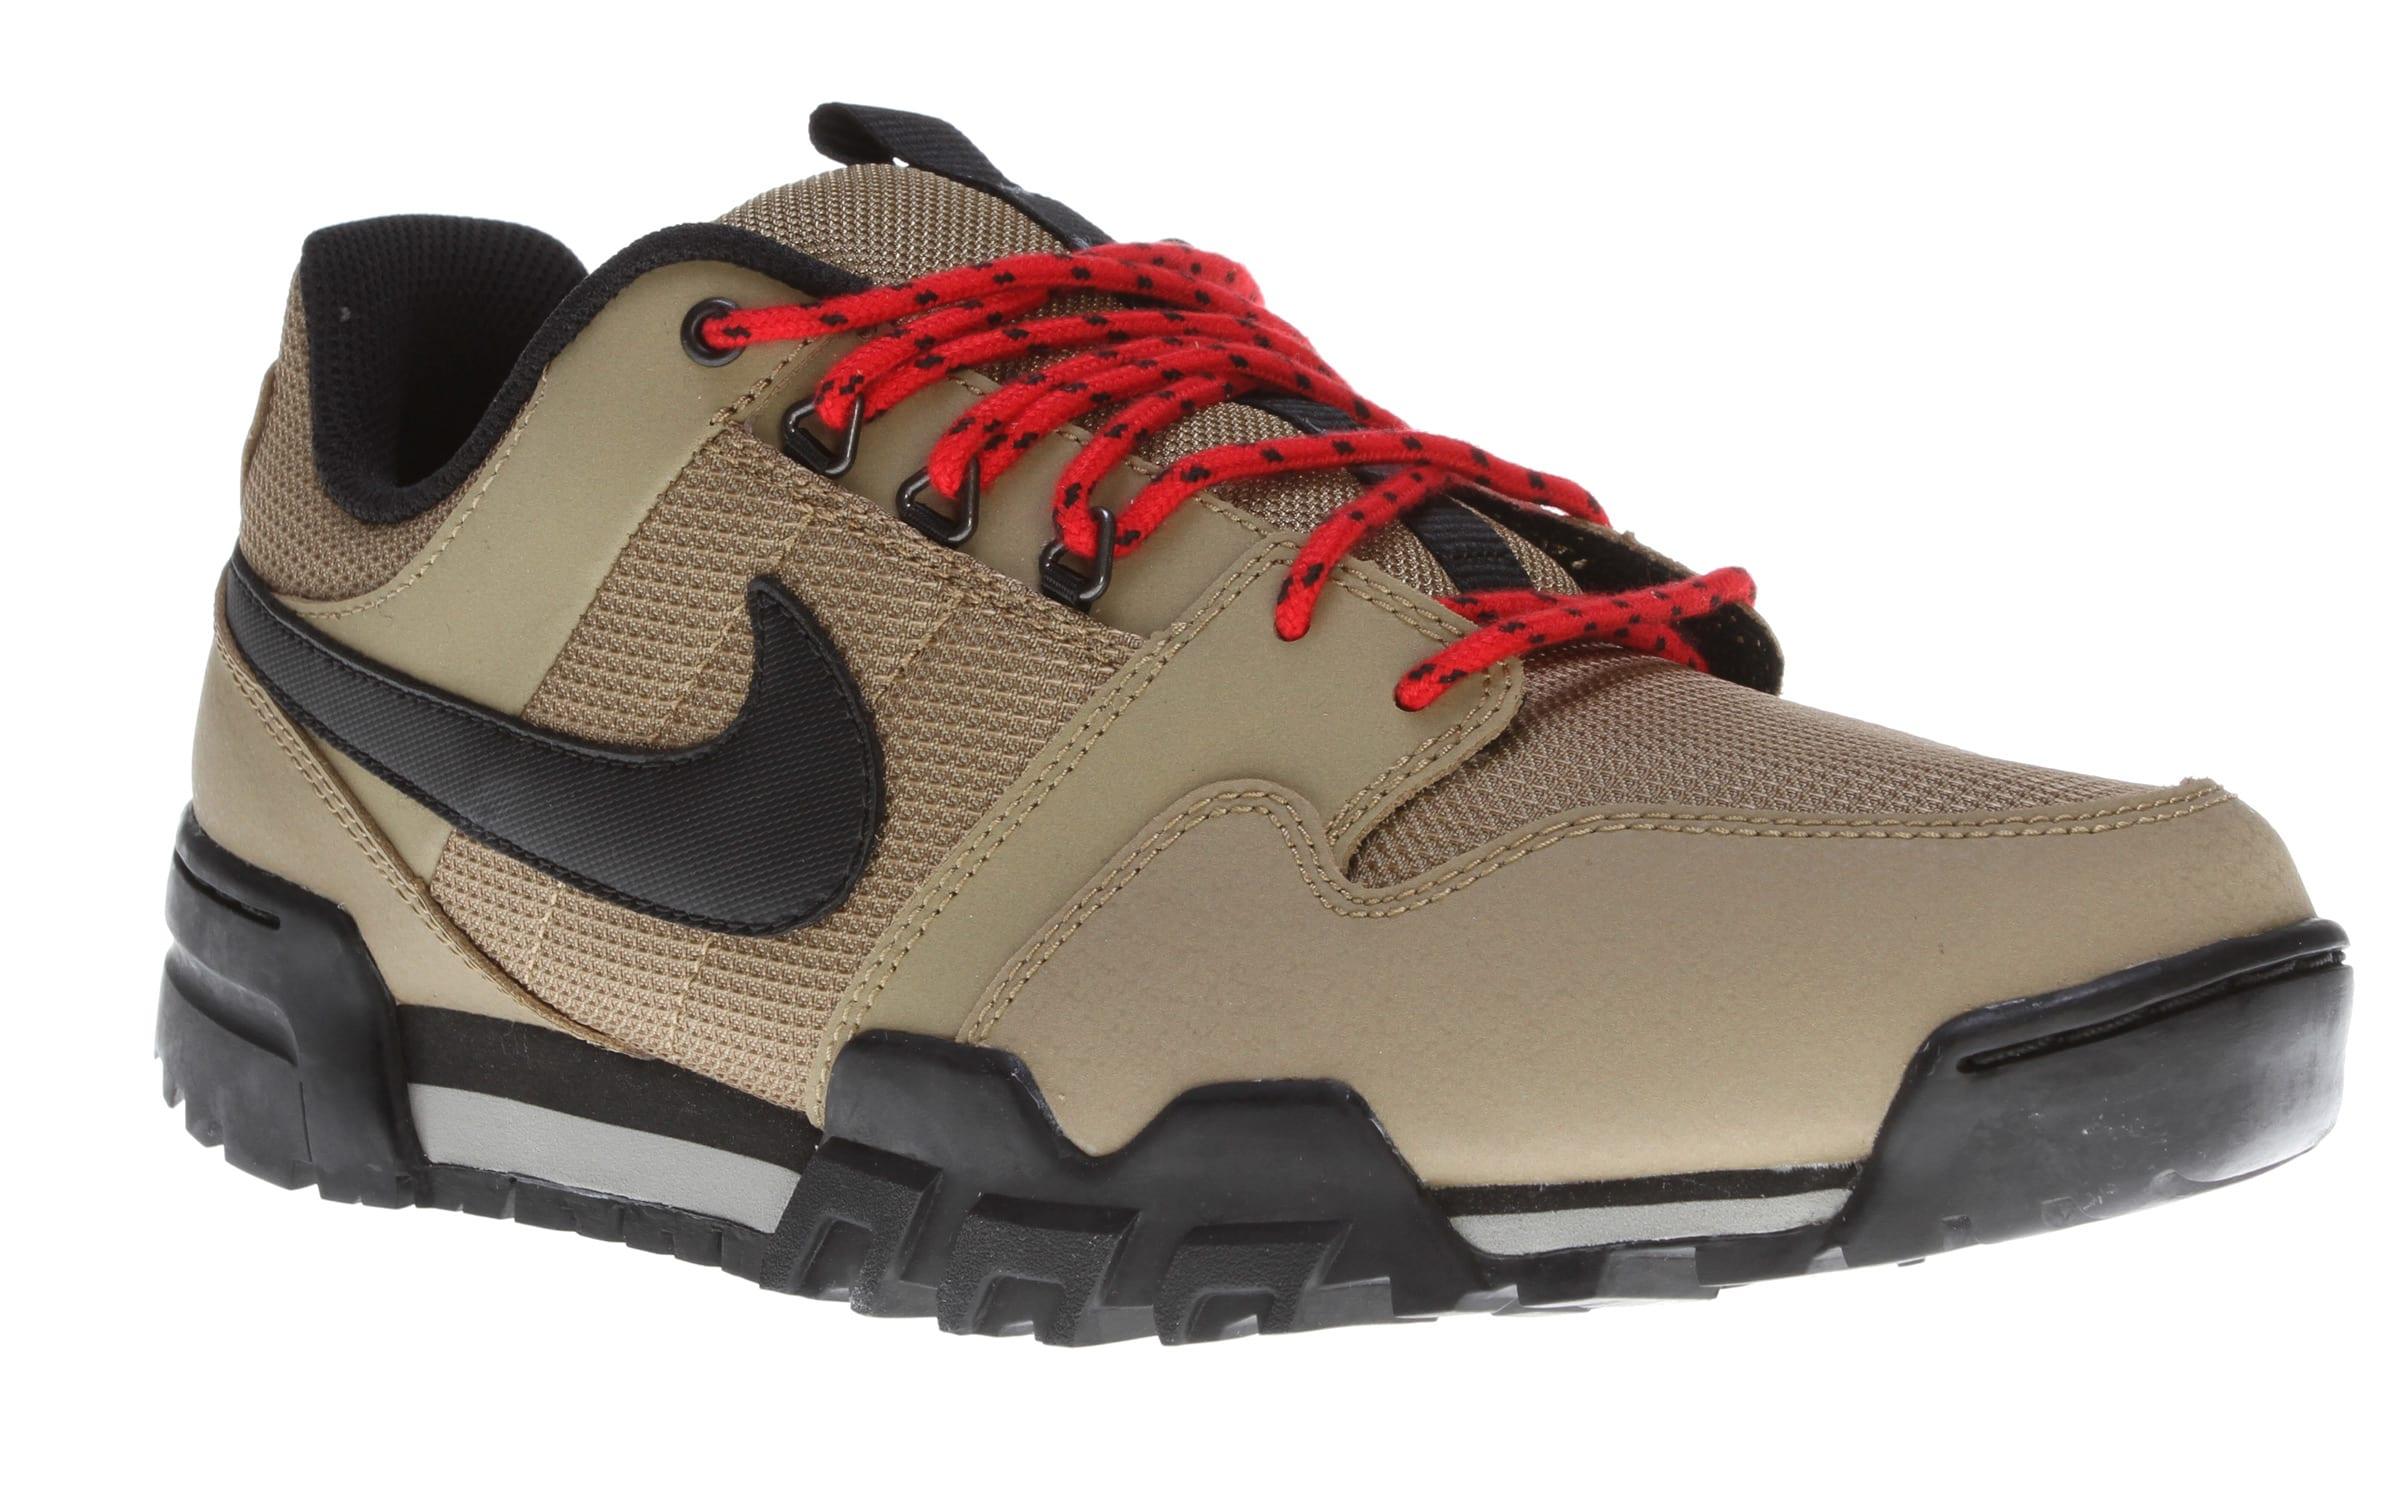 767651a157cb54 ... Nike Mogan 2 Oms Skate Shoes - thumbnail 2  Nike 6.0 ...